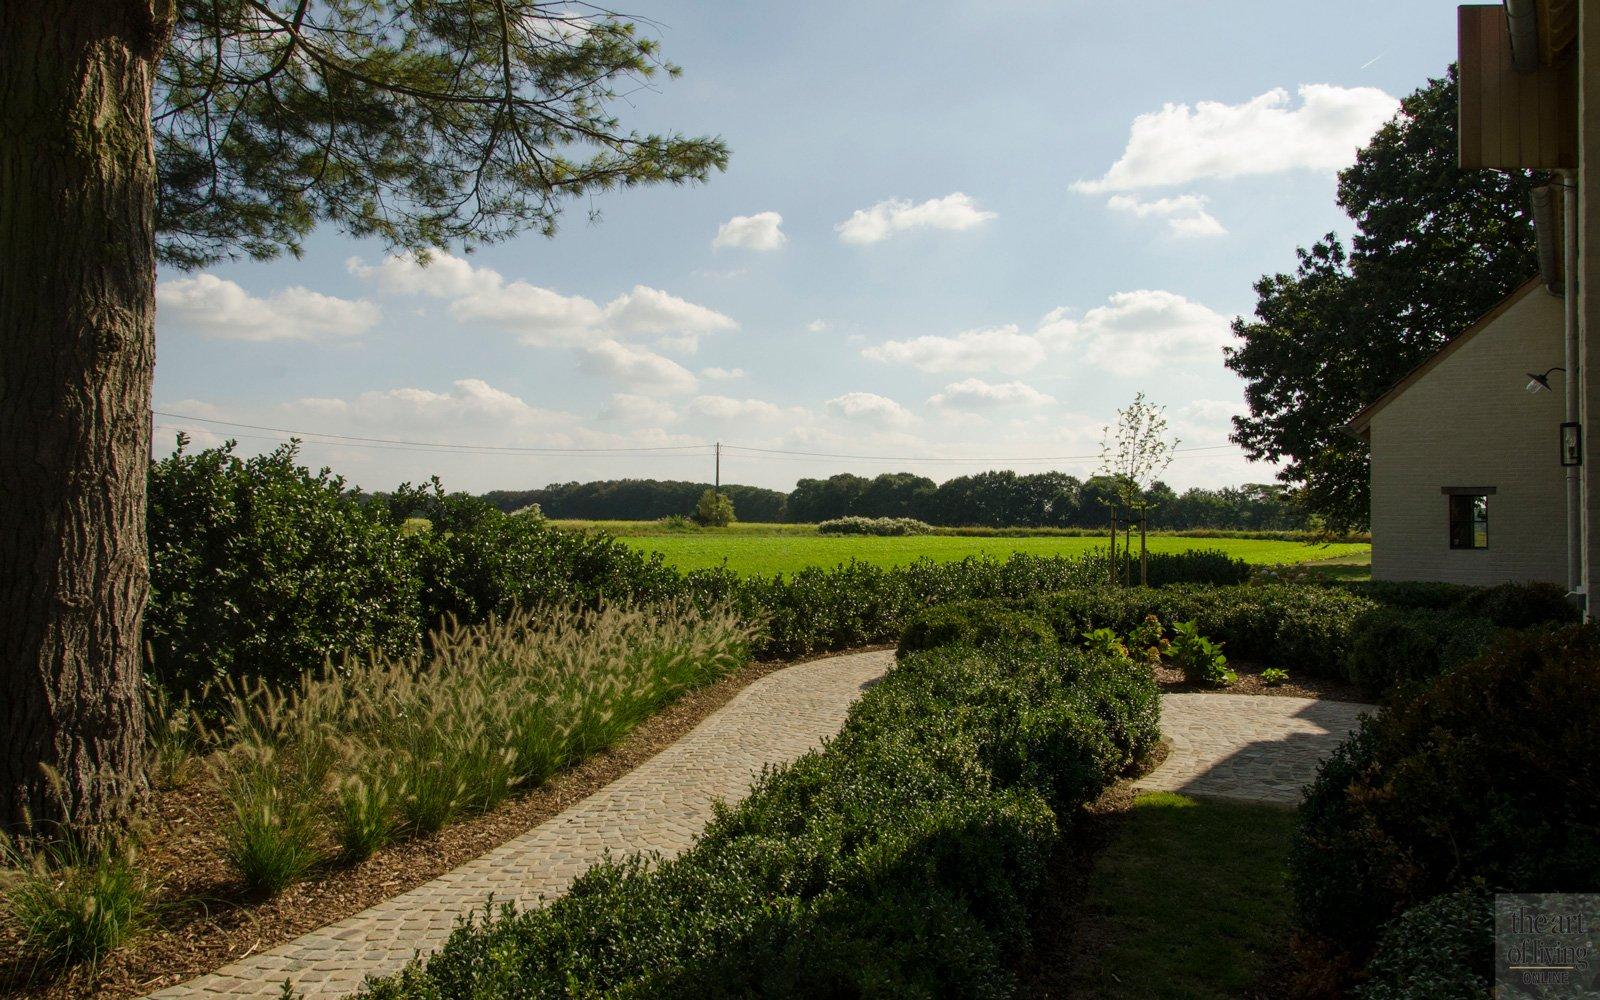 Landelijke ligging, prachtige omgeving, weids uitzicht, discrete tuin, Frederiek Snaet